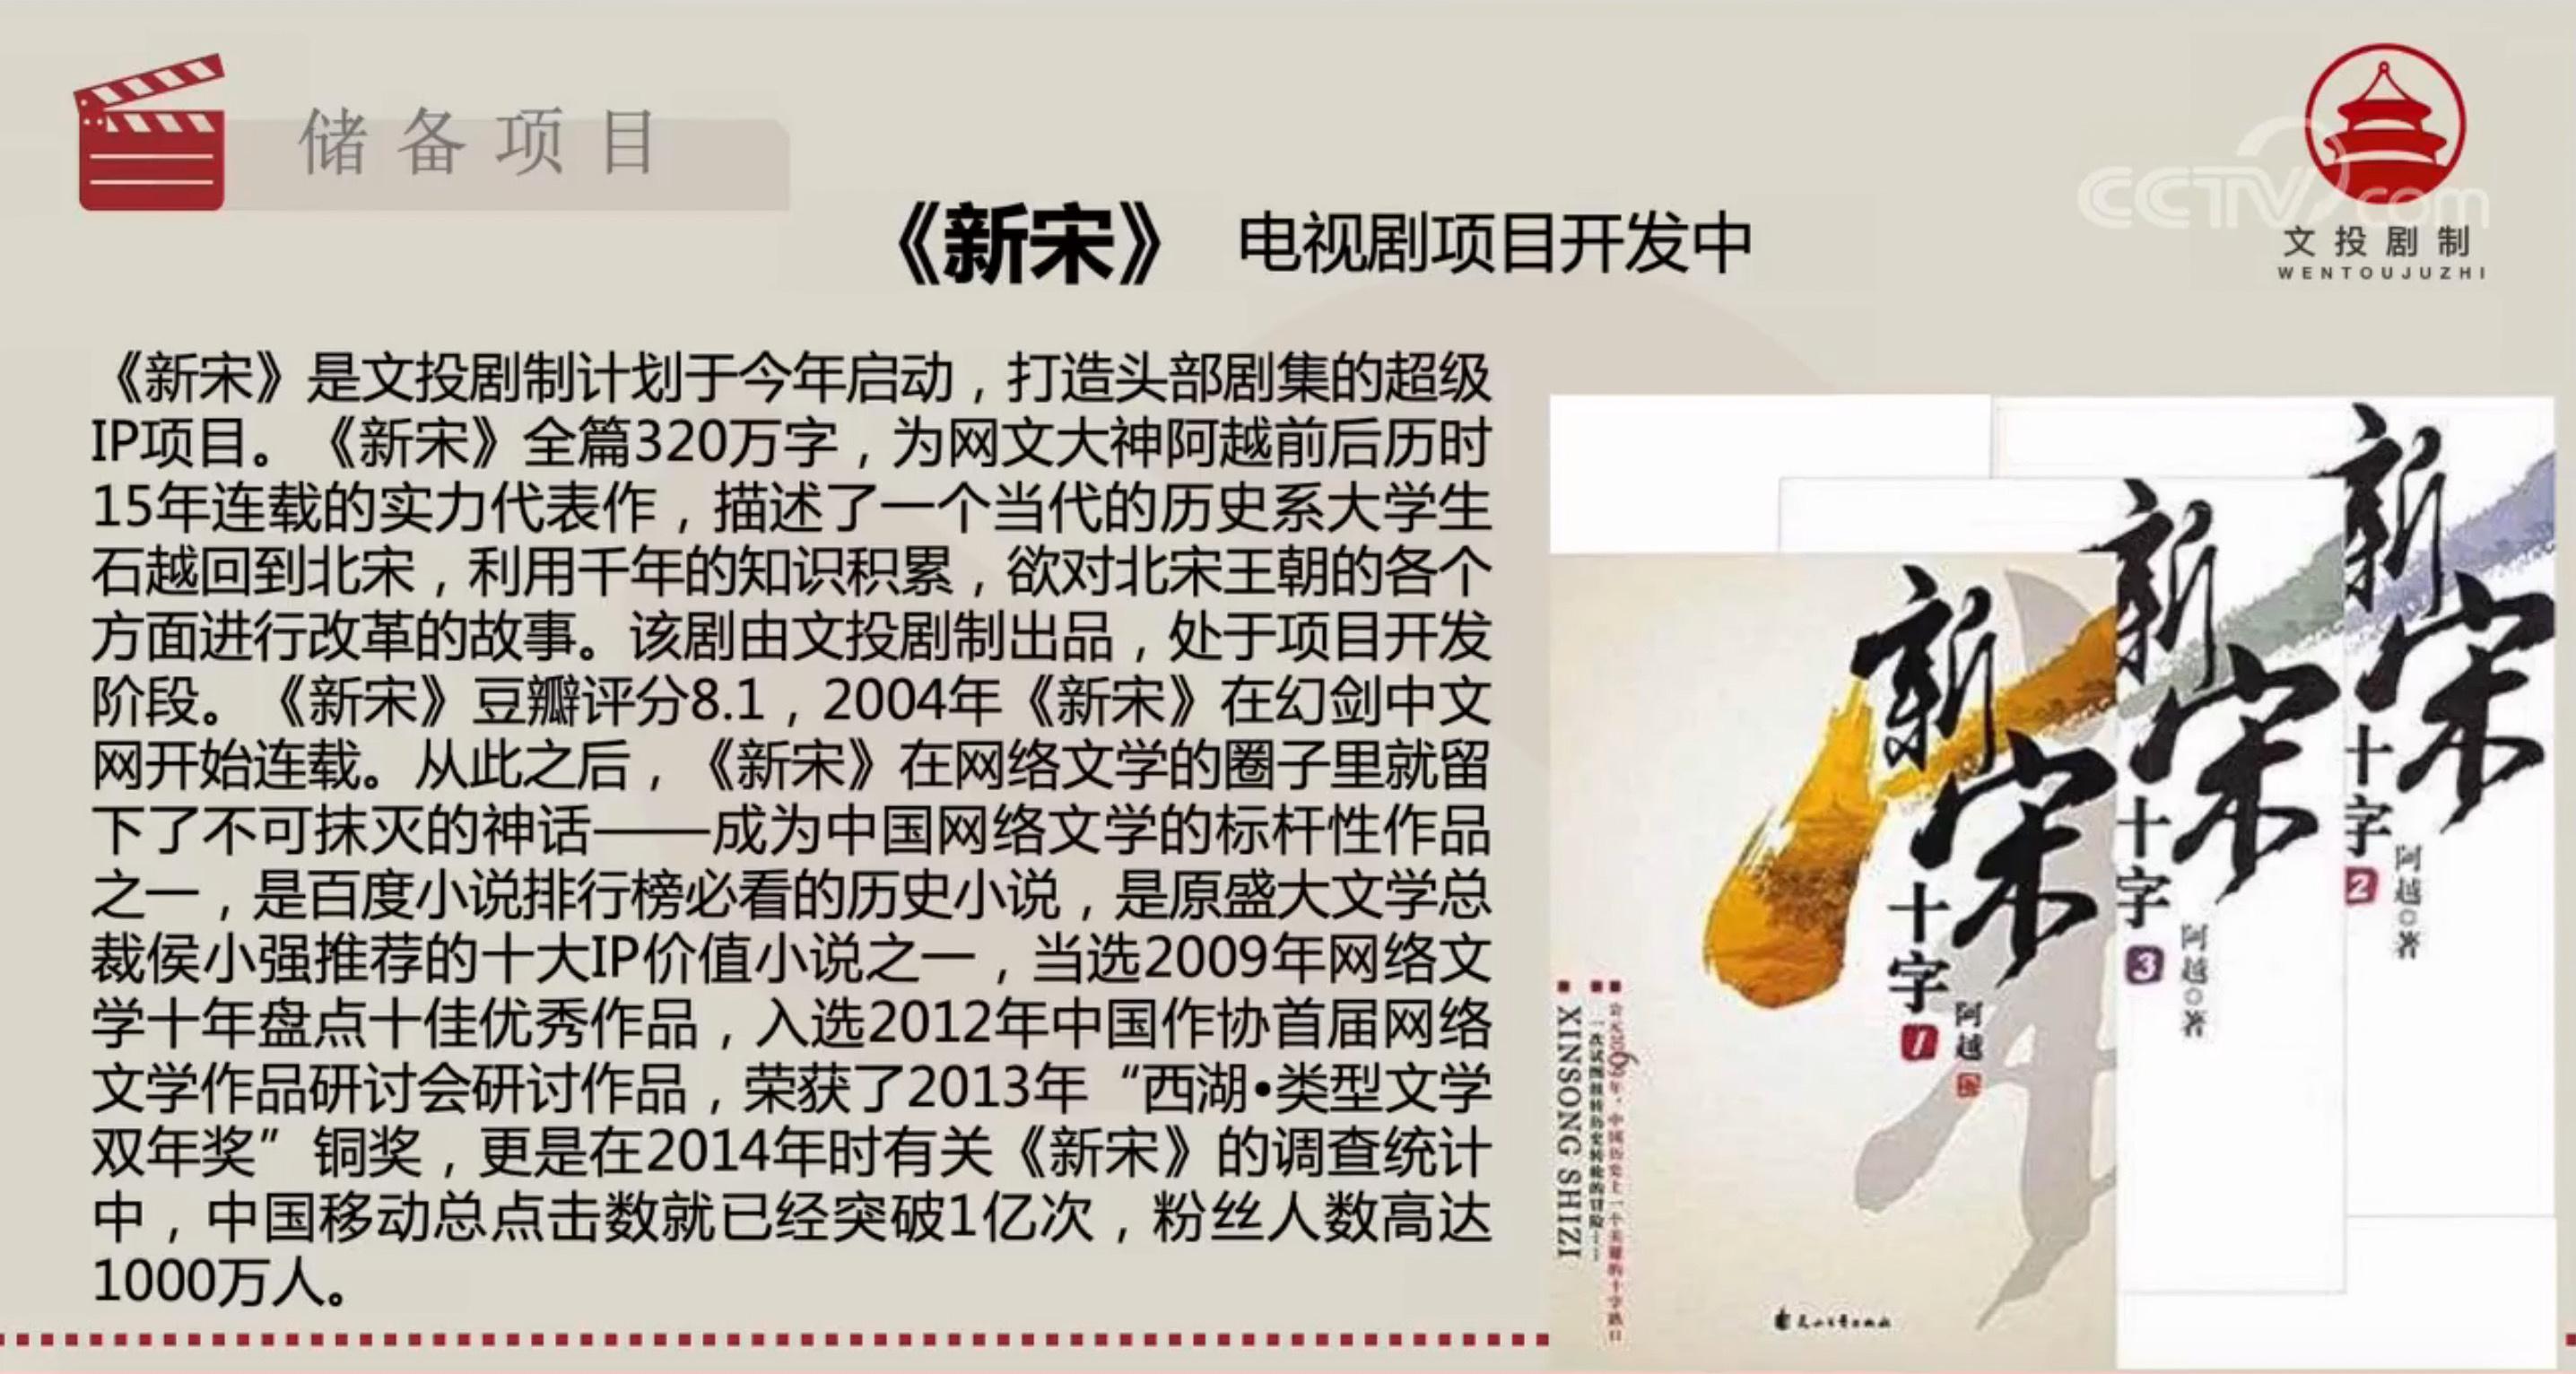 常州考试培训网:阿越小说《新宋》将拍剧 冯绍峰新作献礼建党百年 第2张